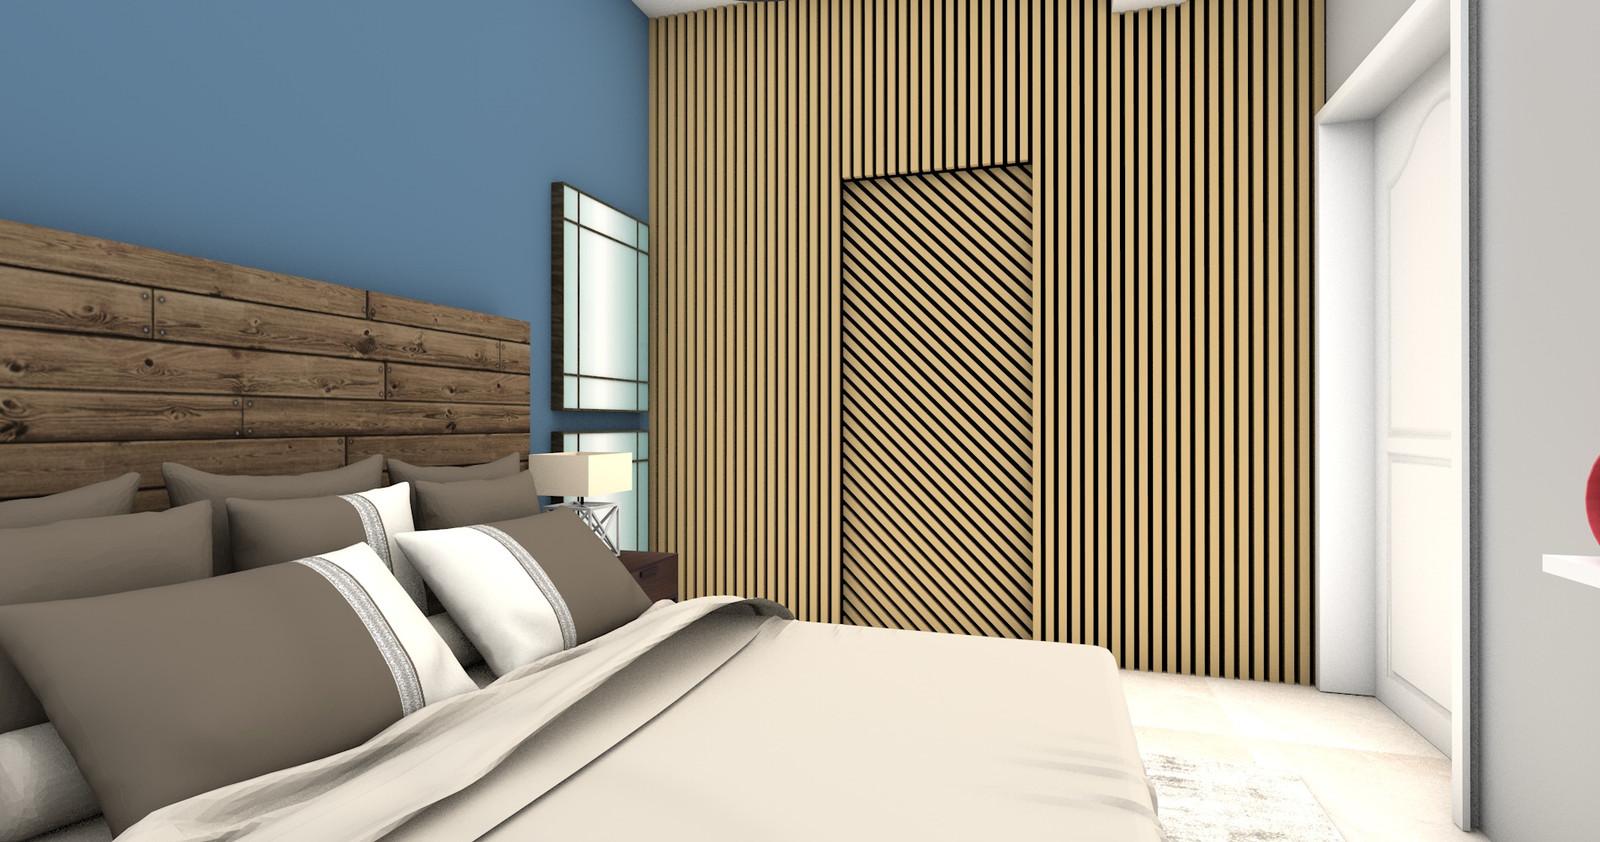 Arredamento e progettazione interni a parma lume design for Progettazione interni